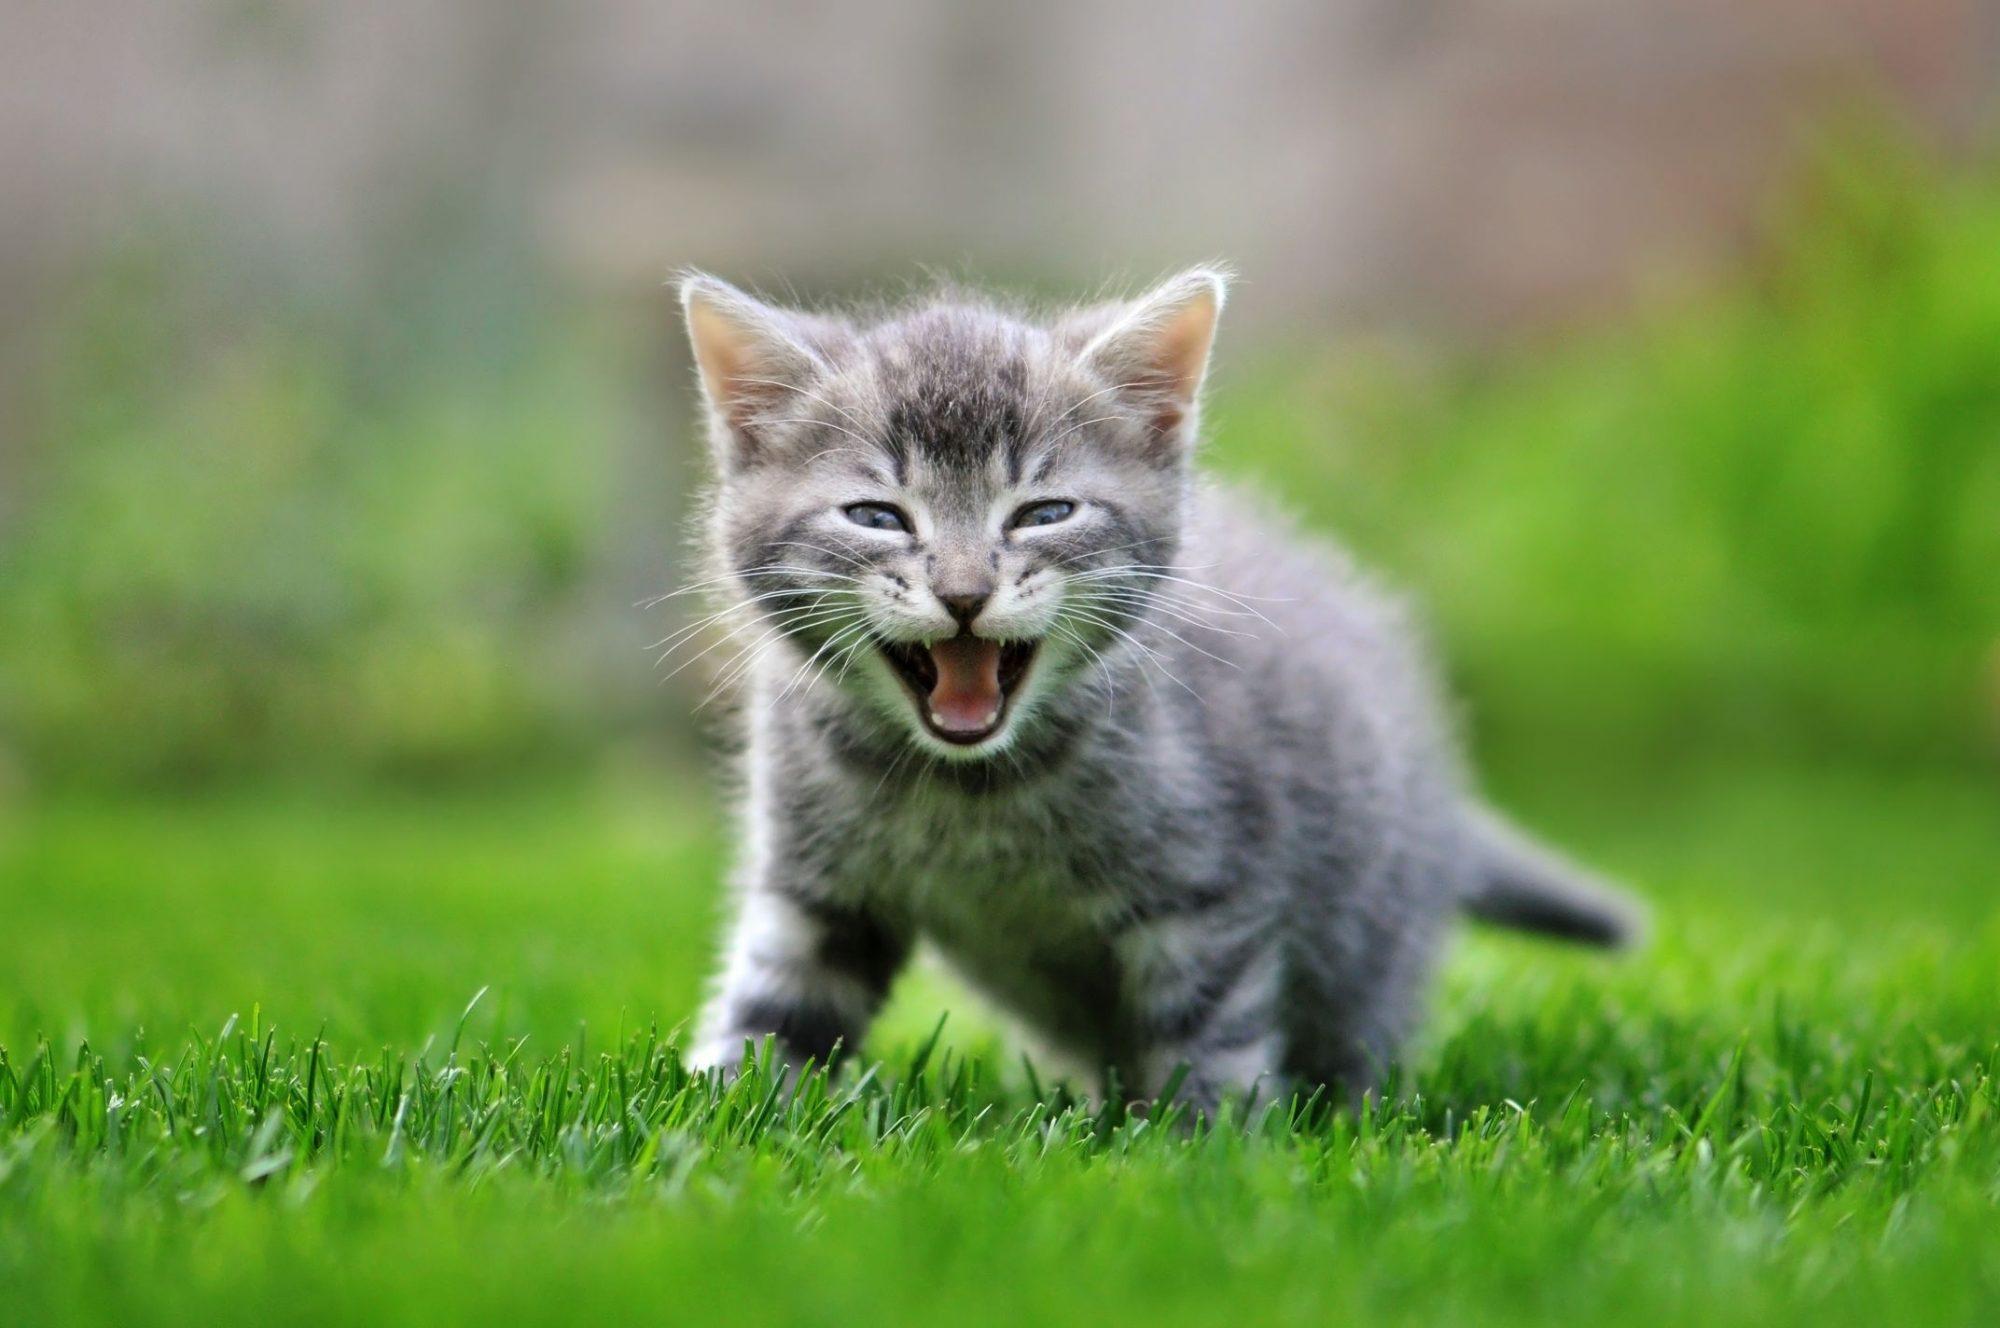 A kitten meows.